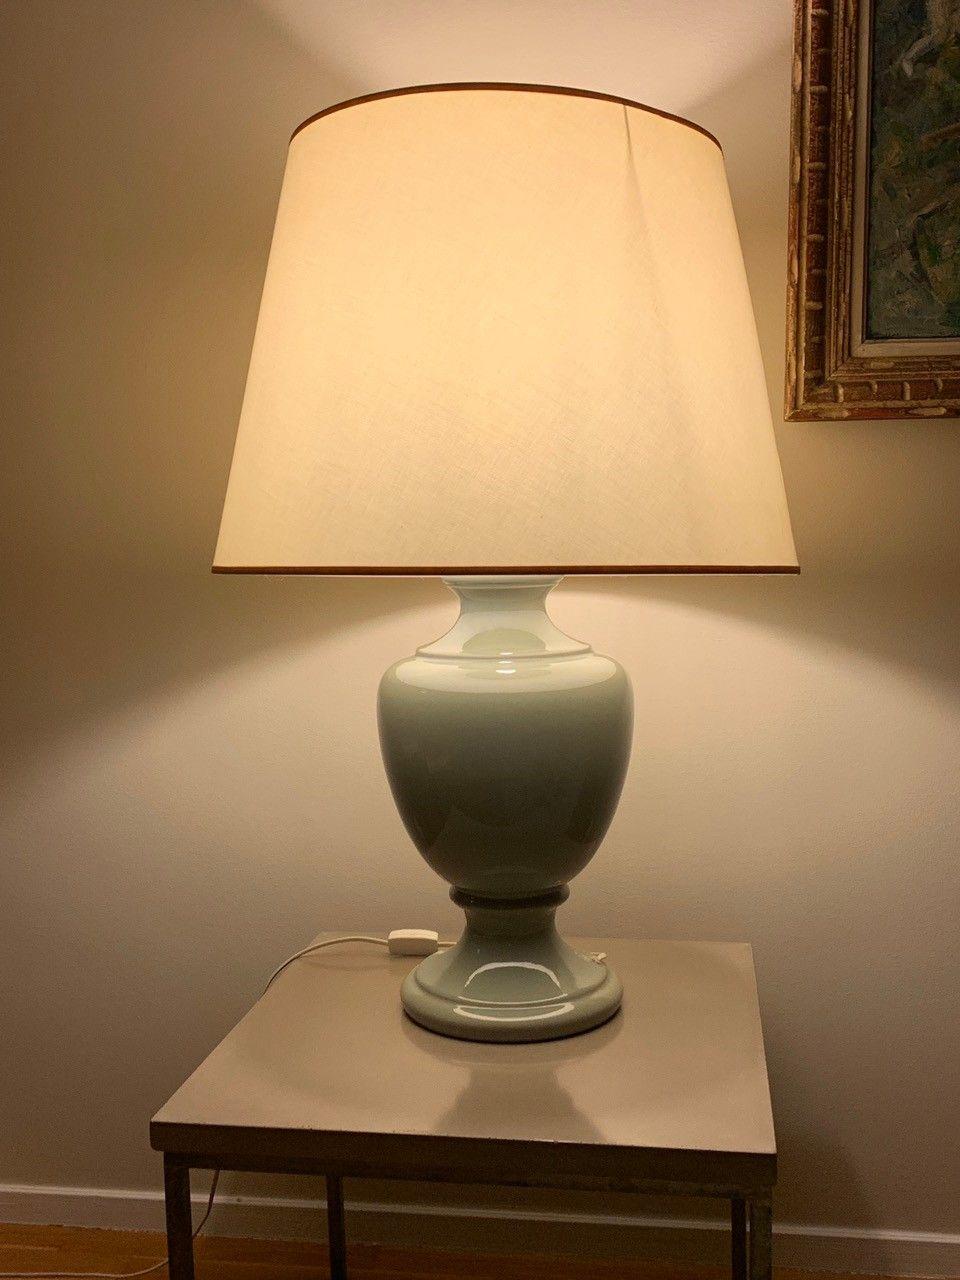 finn lamper